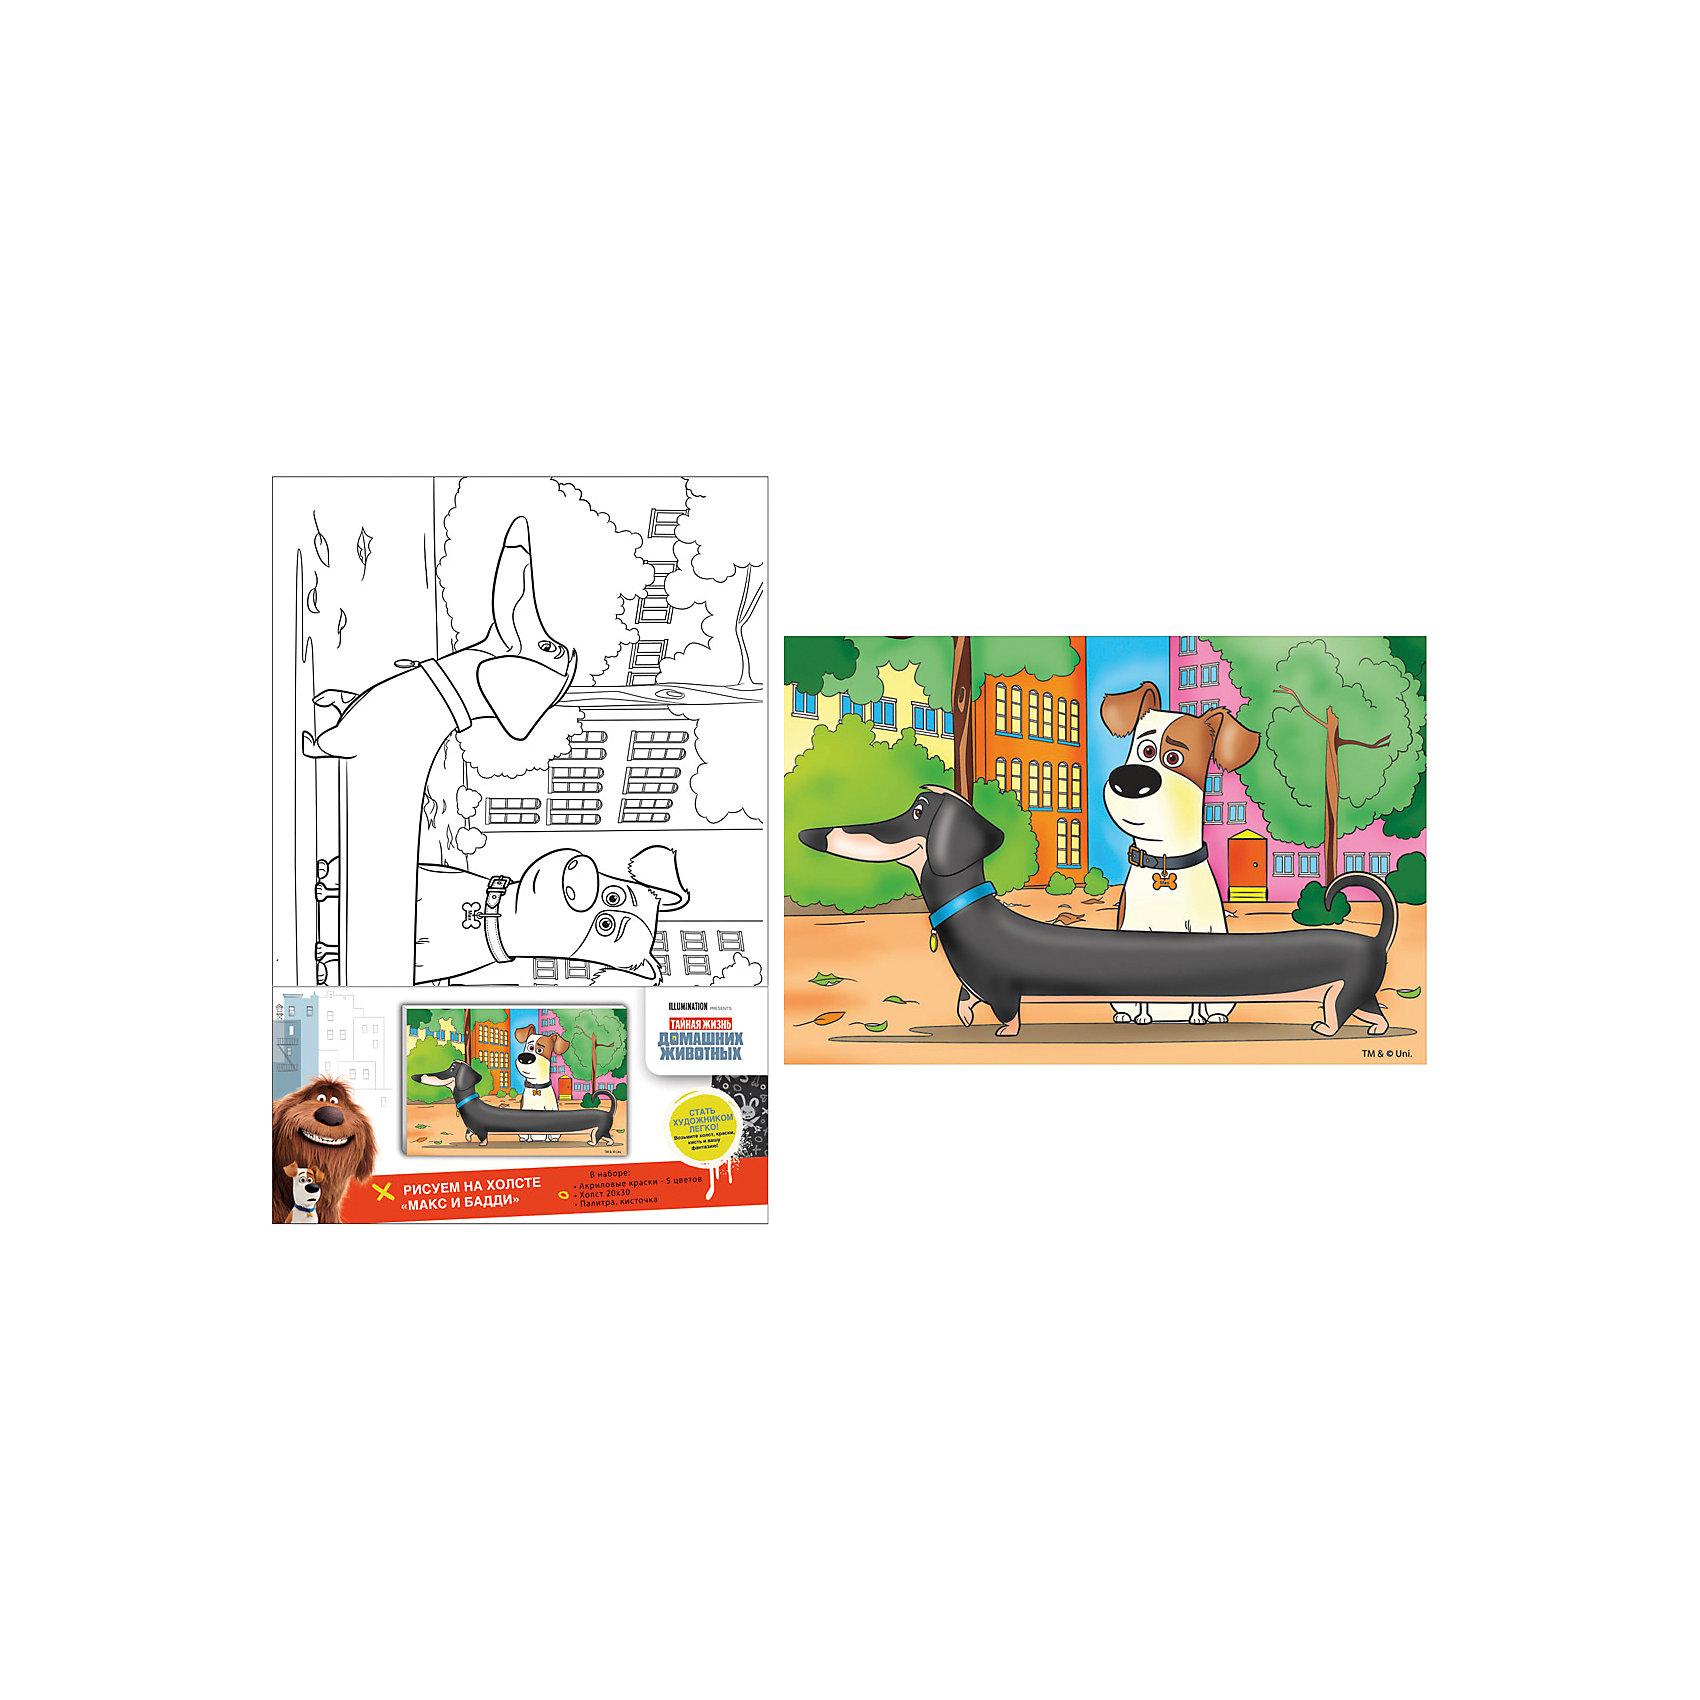 Рисуем по холсту Макс и Бадди, Тайная жизнь домашних животныхТайная жизнь домашних животных<br>Характеристики товара:<br><br>• количество цветов: 5 шт.<br>• комплект: холст с контурным рисунком, натянутый на деревянную рамку (20х30 см), краски в металлических тубах, палитра, кисточка размер картинки: 20х30 см<br>• акриловые краски легко ложатся на холст, быстро сохнут, хорошо растворяются в воде, после высыхания становятся водонепроницаемыми<br>• состав: 100% хлопок, картон, пластик<br>• страна бренда: Россия<br>• страна изготовитель: Китай<br><br>В набор для творчества входит все, чтобы создать настоящее произведение искусства своими руками: холст с нанесенными контурами рисунка, краски, палитра, кисточка. Можно раскрасить рисунок по образцу. Смешивая краски, юный художник получит новые цвета и оттенки. Ткань обработана специальным составом, который обеспечивает нанесение красок равномерным слоем.<br><br>Набор Рисуем по холсту Макс и Бадди, Тайная жизнь домашних животных вы можете приобрести в нашем интернет-магазине.<br><br>Ширина мм: 300<br>Глубина мм: 200<br>Высота мм: 150<br>Вес г: 190<br>Возраст от месяцев: 36<br>Возраст до месяцев: 2147483647<br>Пол: Унисекс<br>Возраст: Детский<br>SKU: 5453443